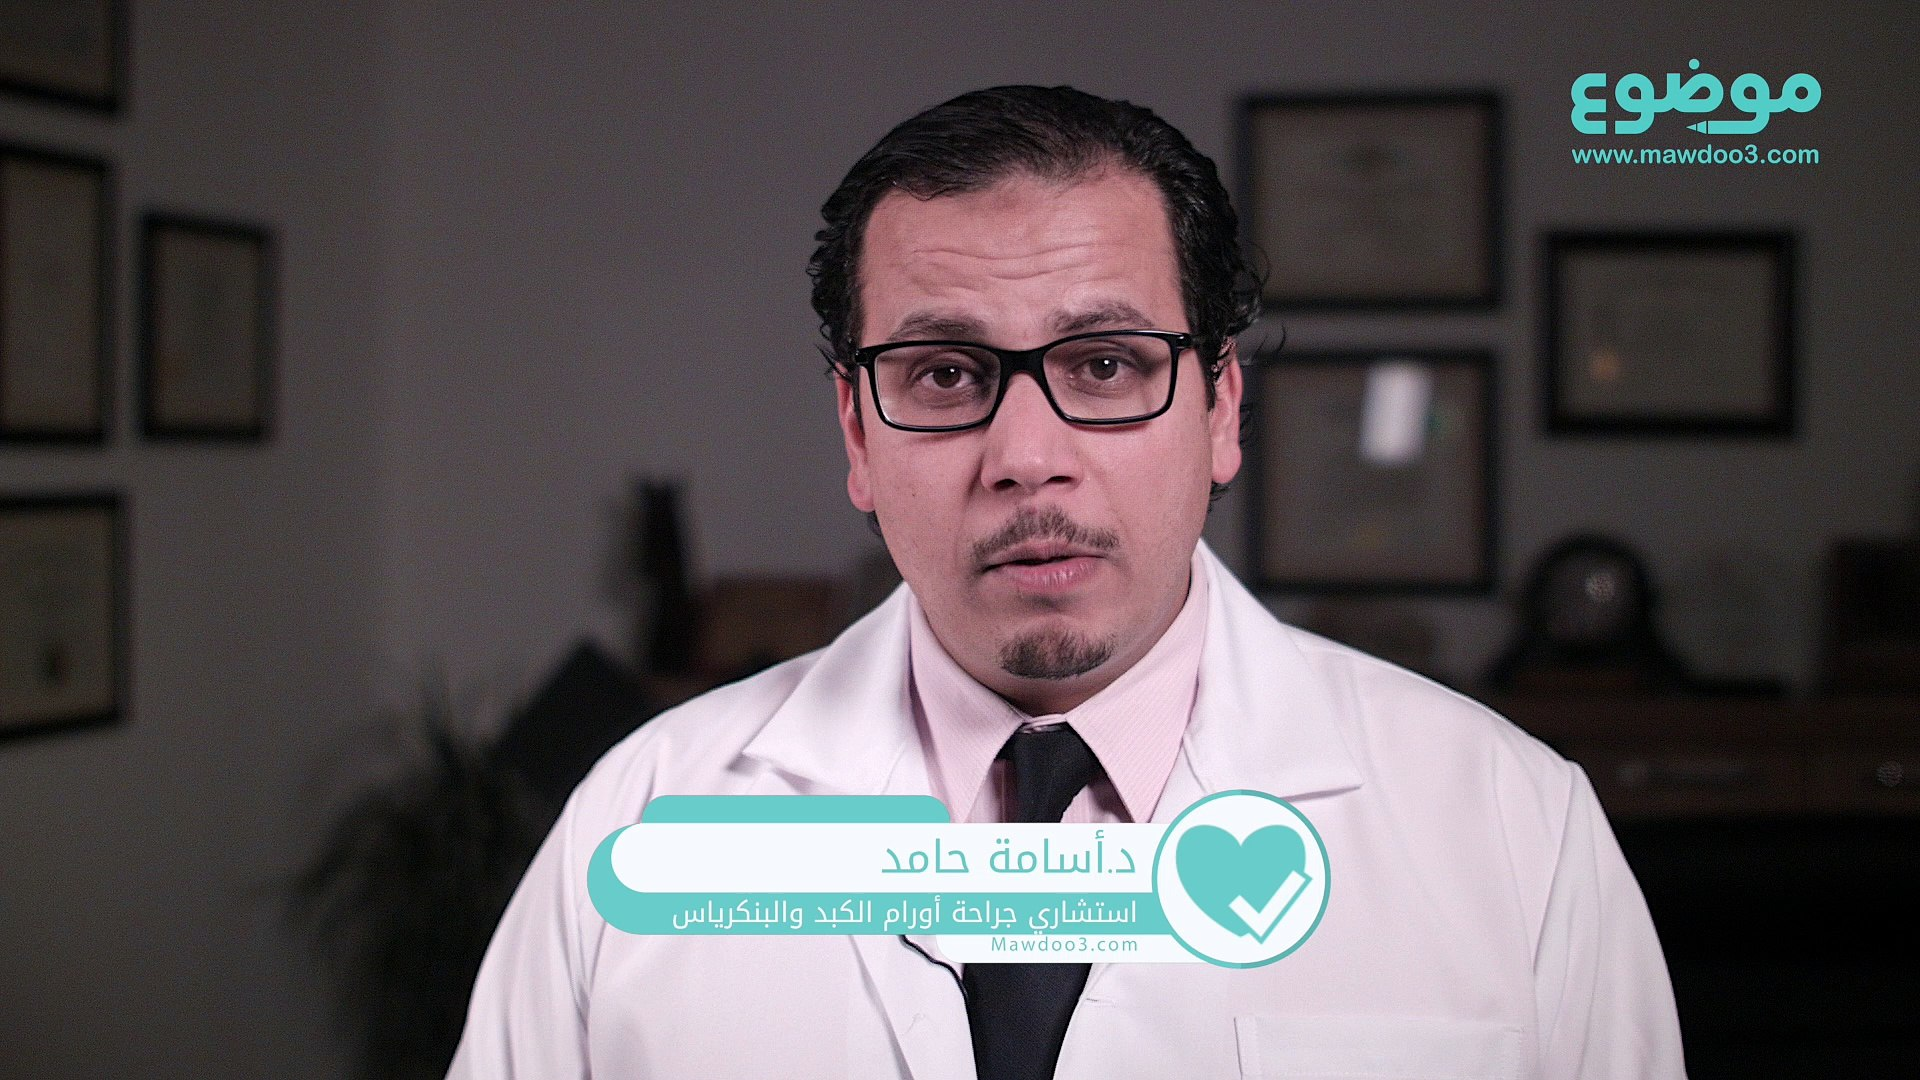 #موضوع: ما هي عملية تكميم المعدة؟